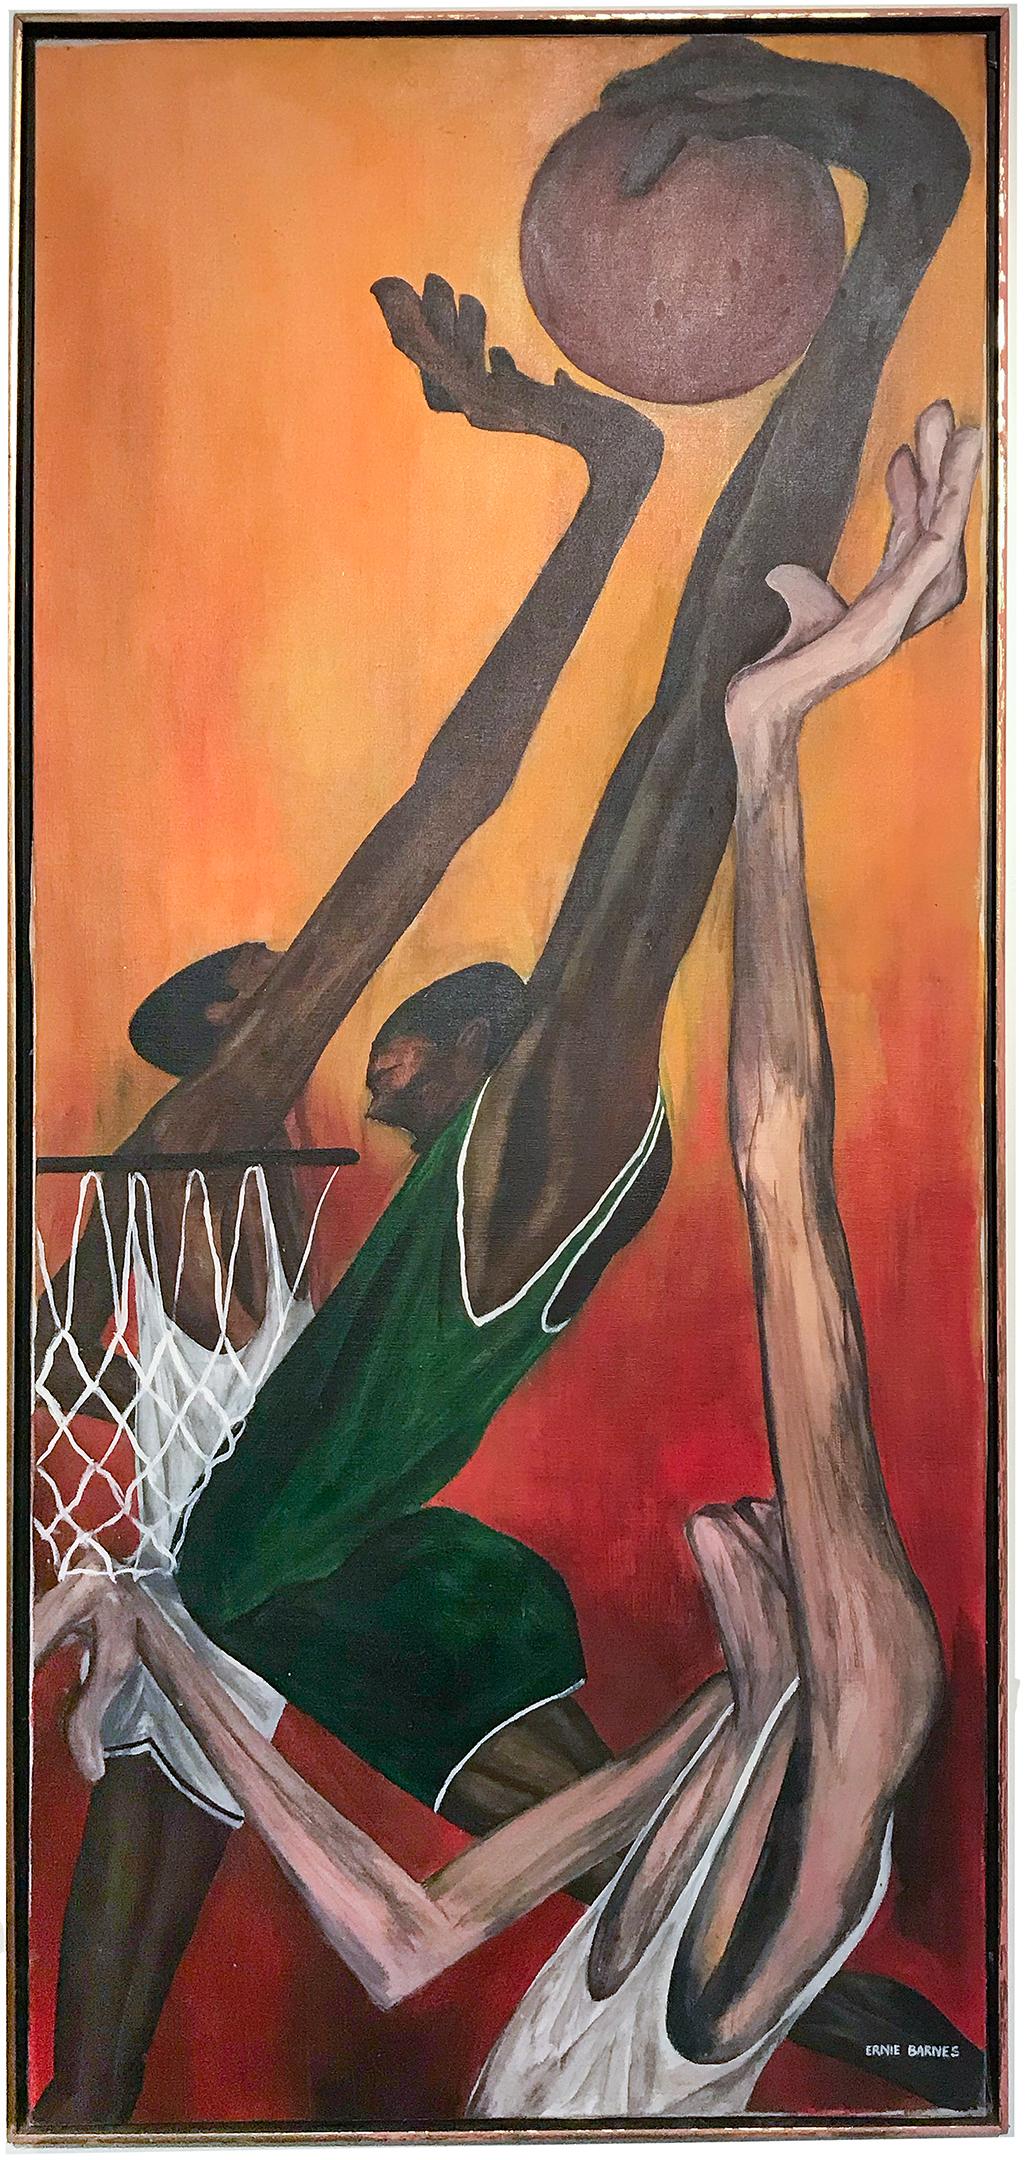 Ernie Barnes Slam Dunk Treadway Gallery